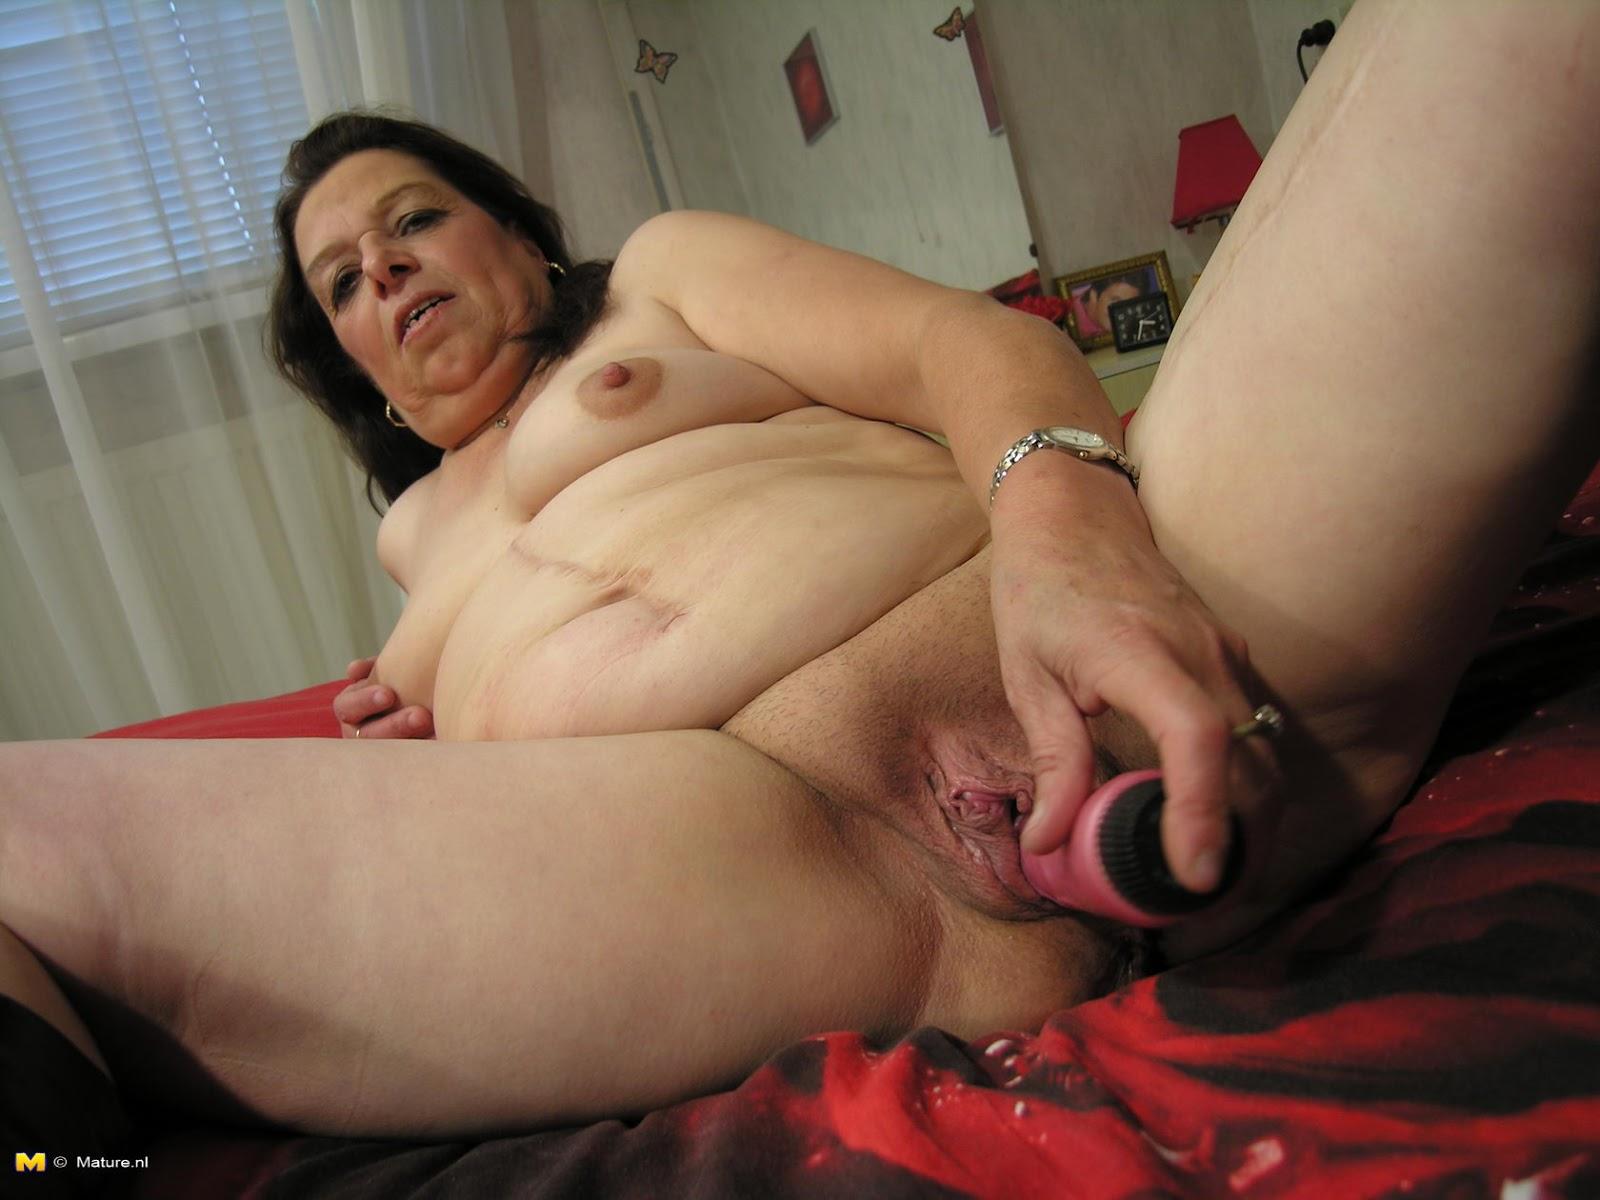 ladyboy arab porn sex com